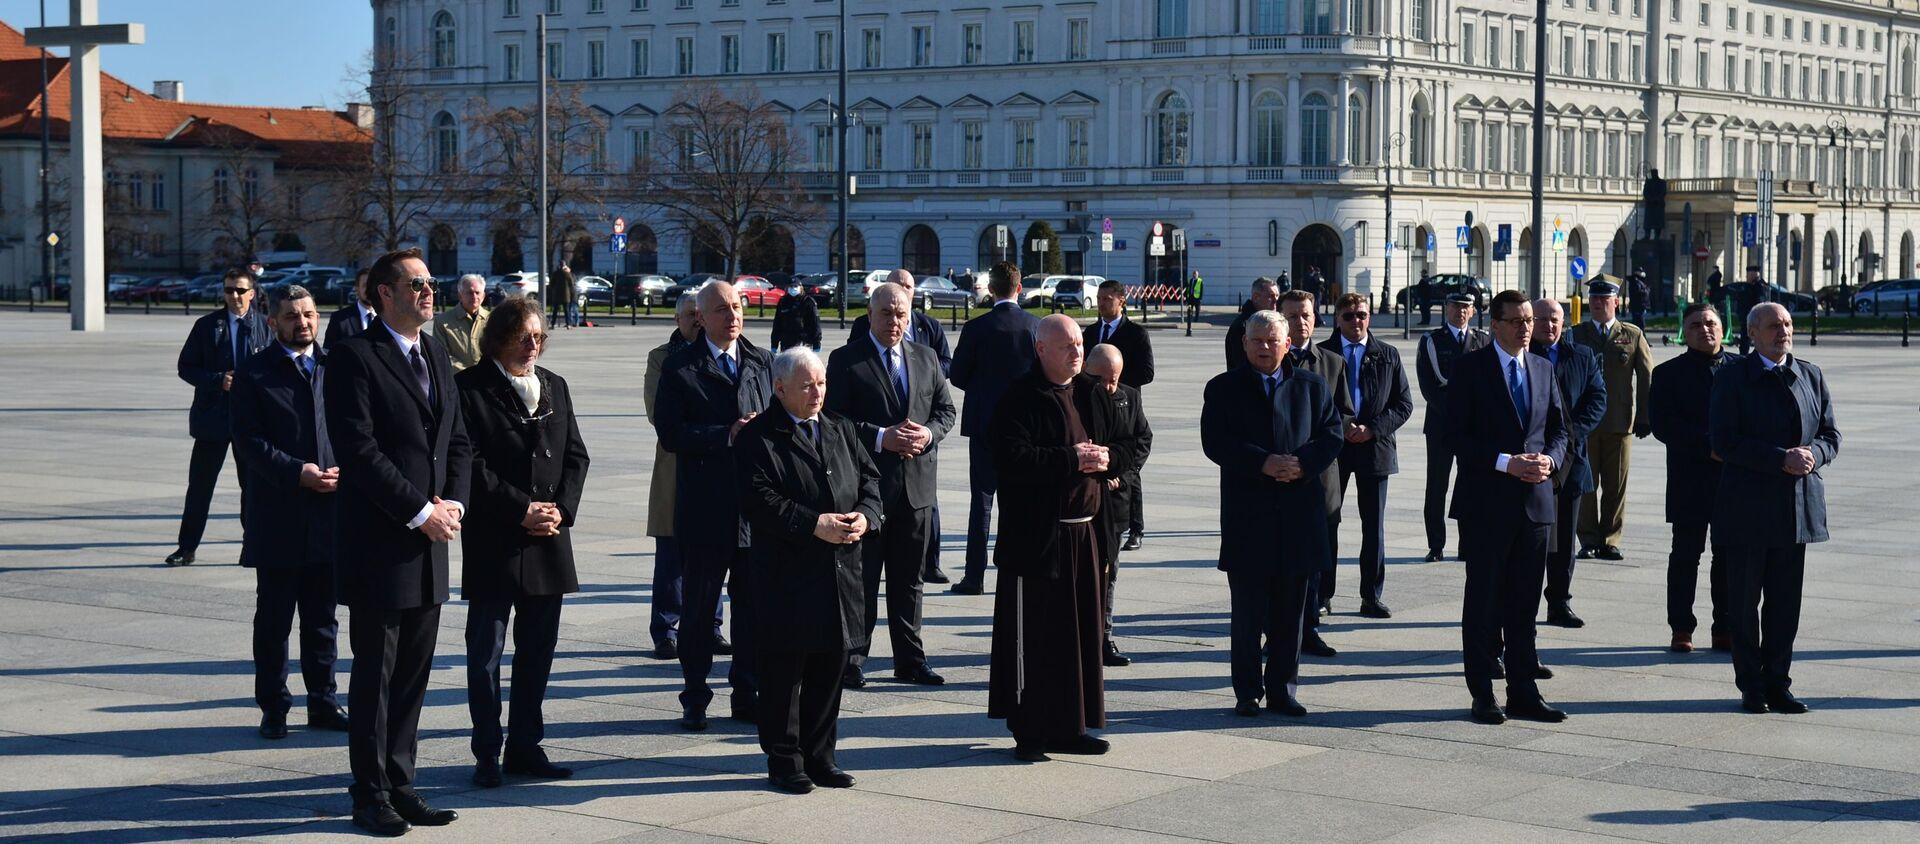 Oddanie hołdu ofiarom katastrofy przed pomnikami prezydenta Lecha Kaczyńskiego oraz wszystkich ofiar katastrofy - Sputnik Polska, 1920, 26.02.2021